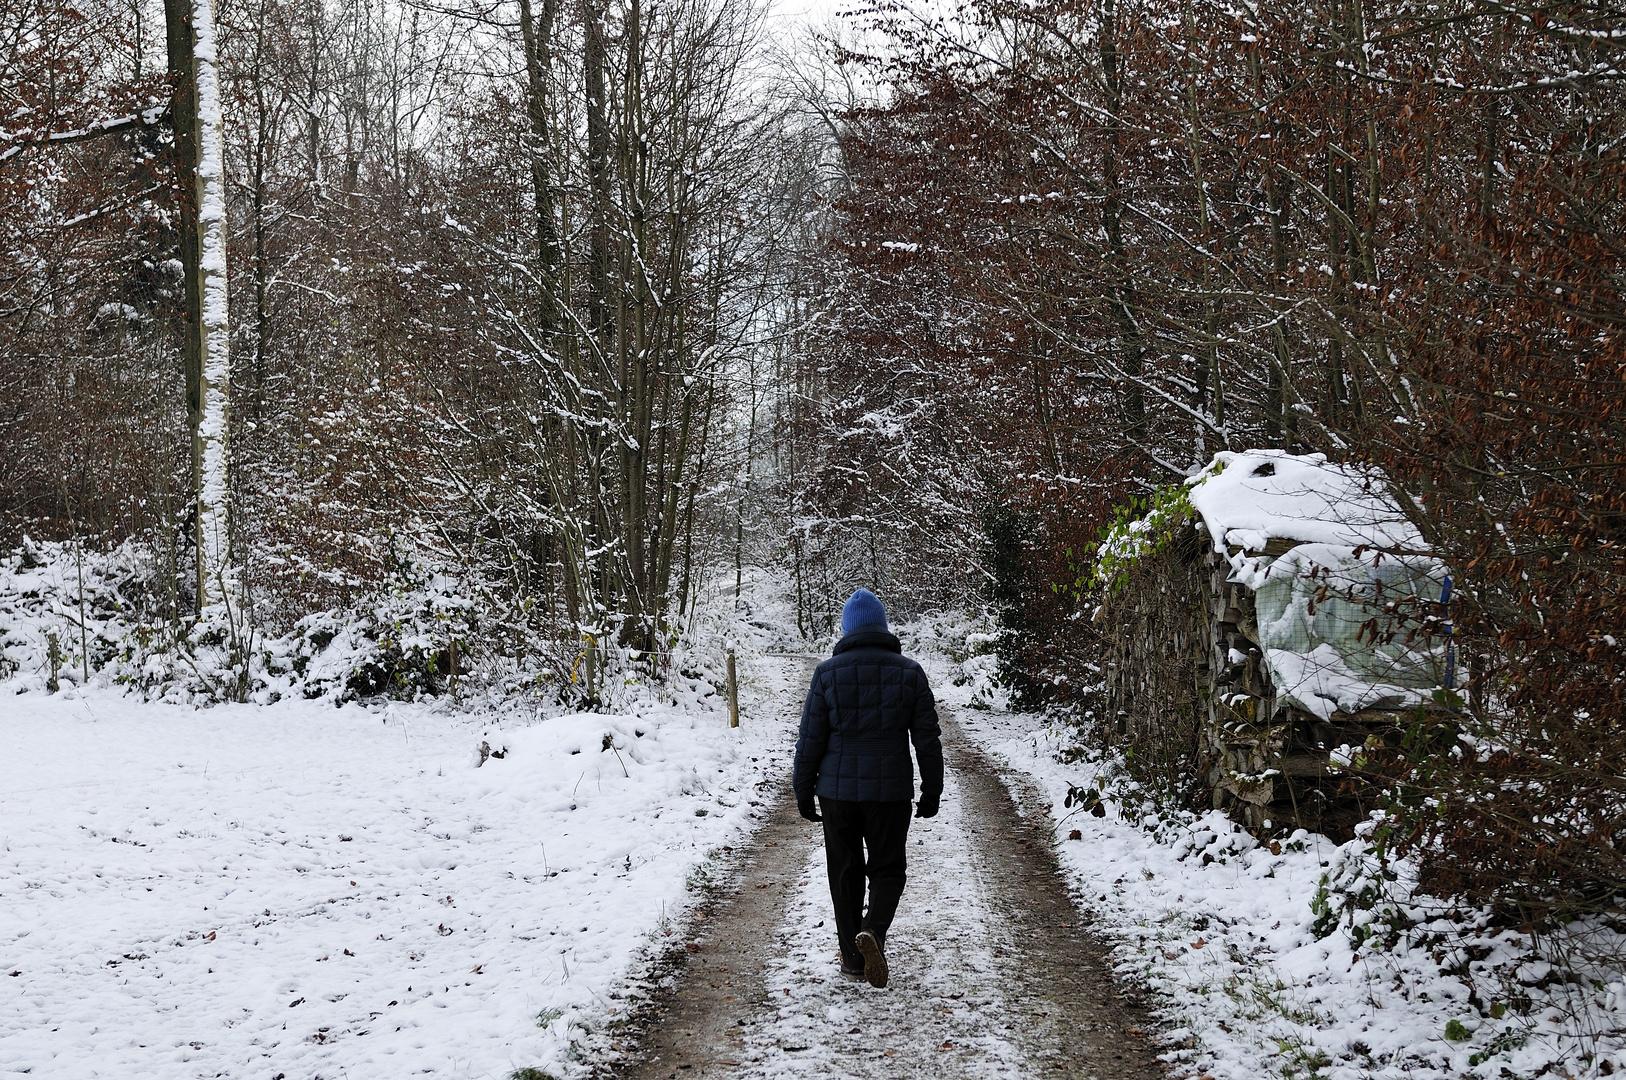 Winterspaziergang (überarbeitet)